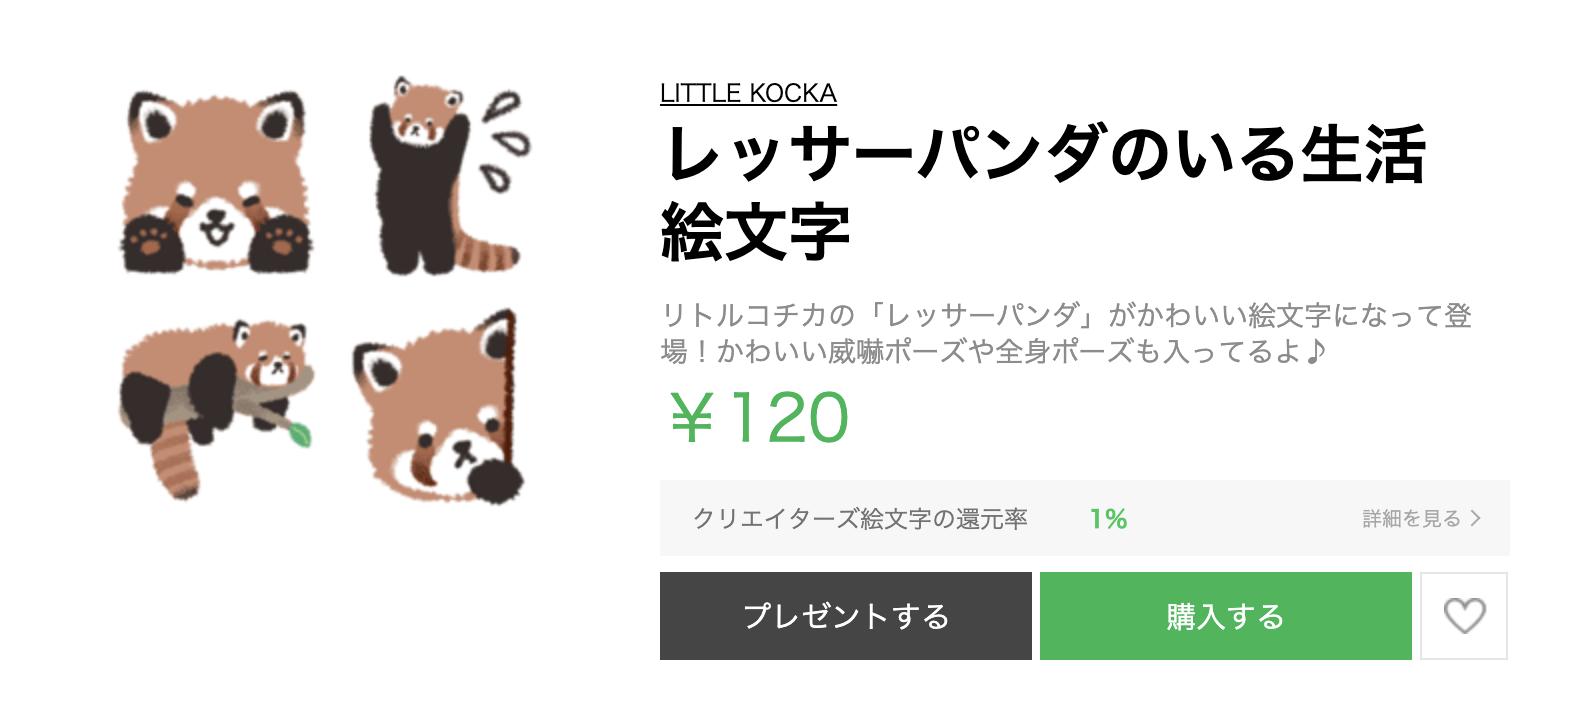 LINE絵文字「レッサーパンダのいる生活」リリース開始!